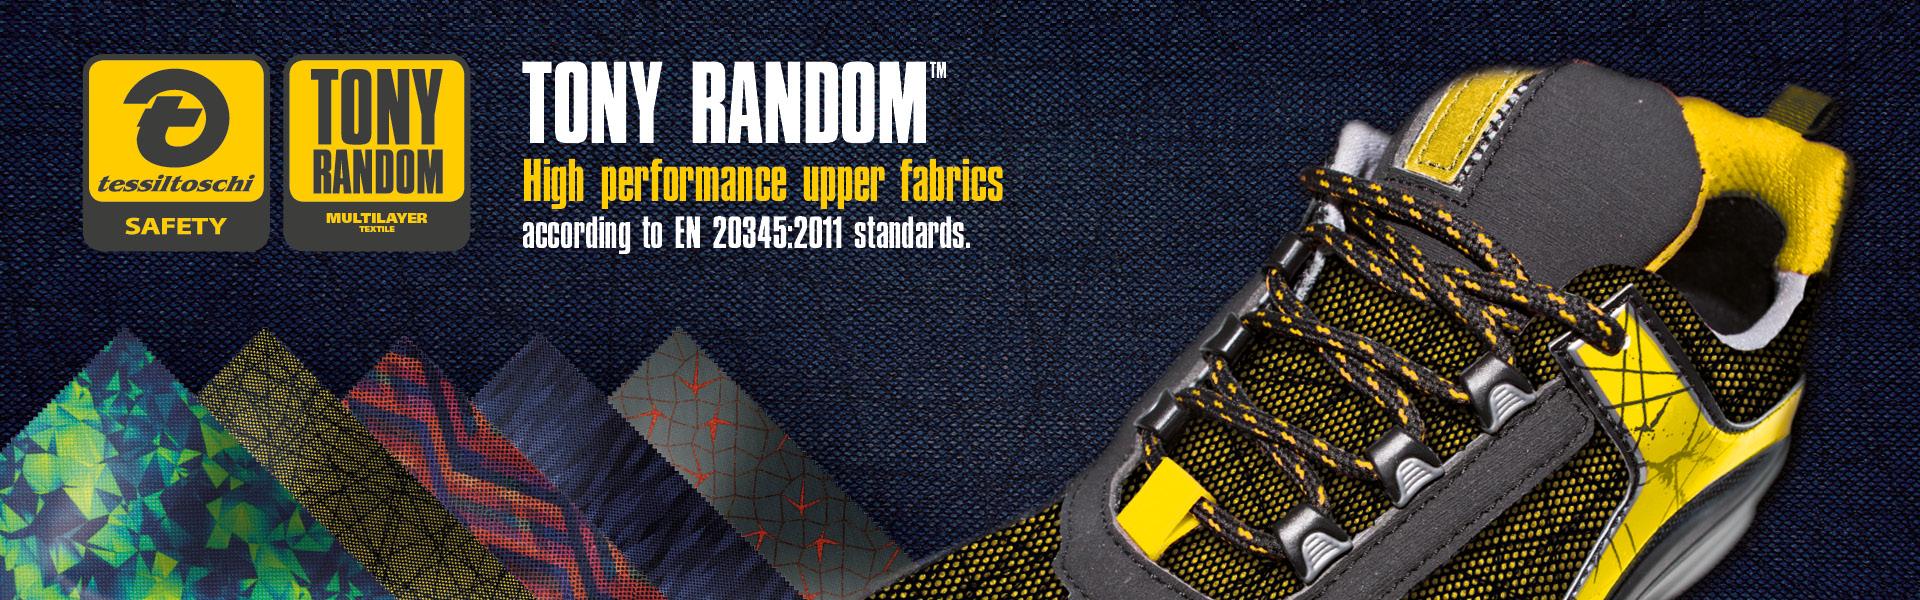 Tony Random fabric